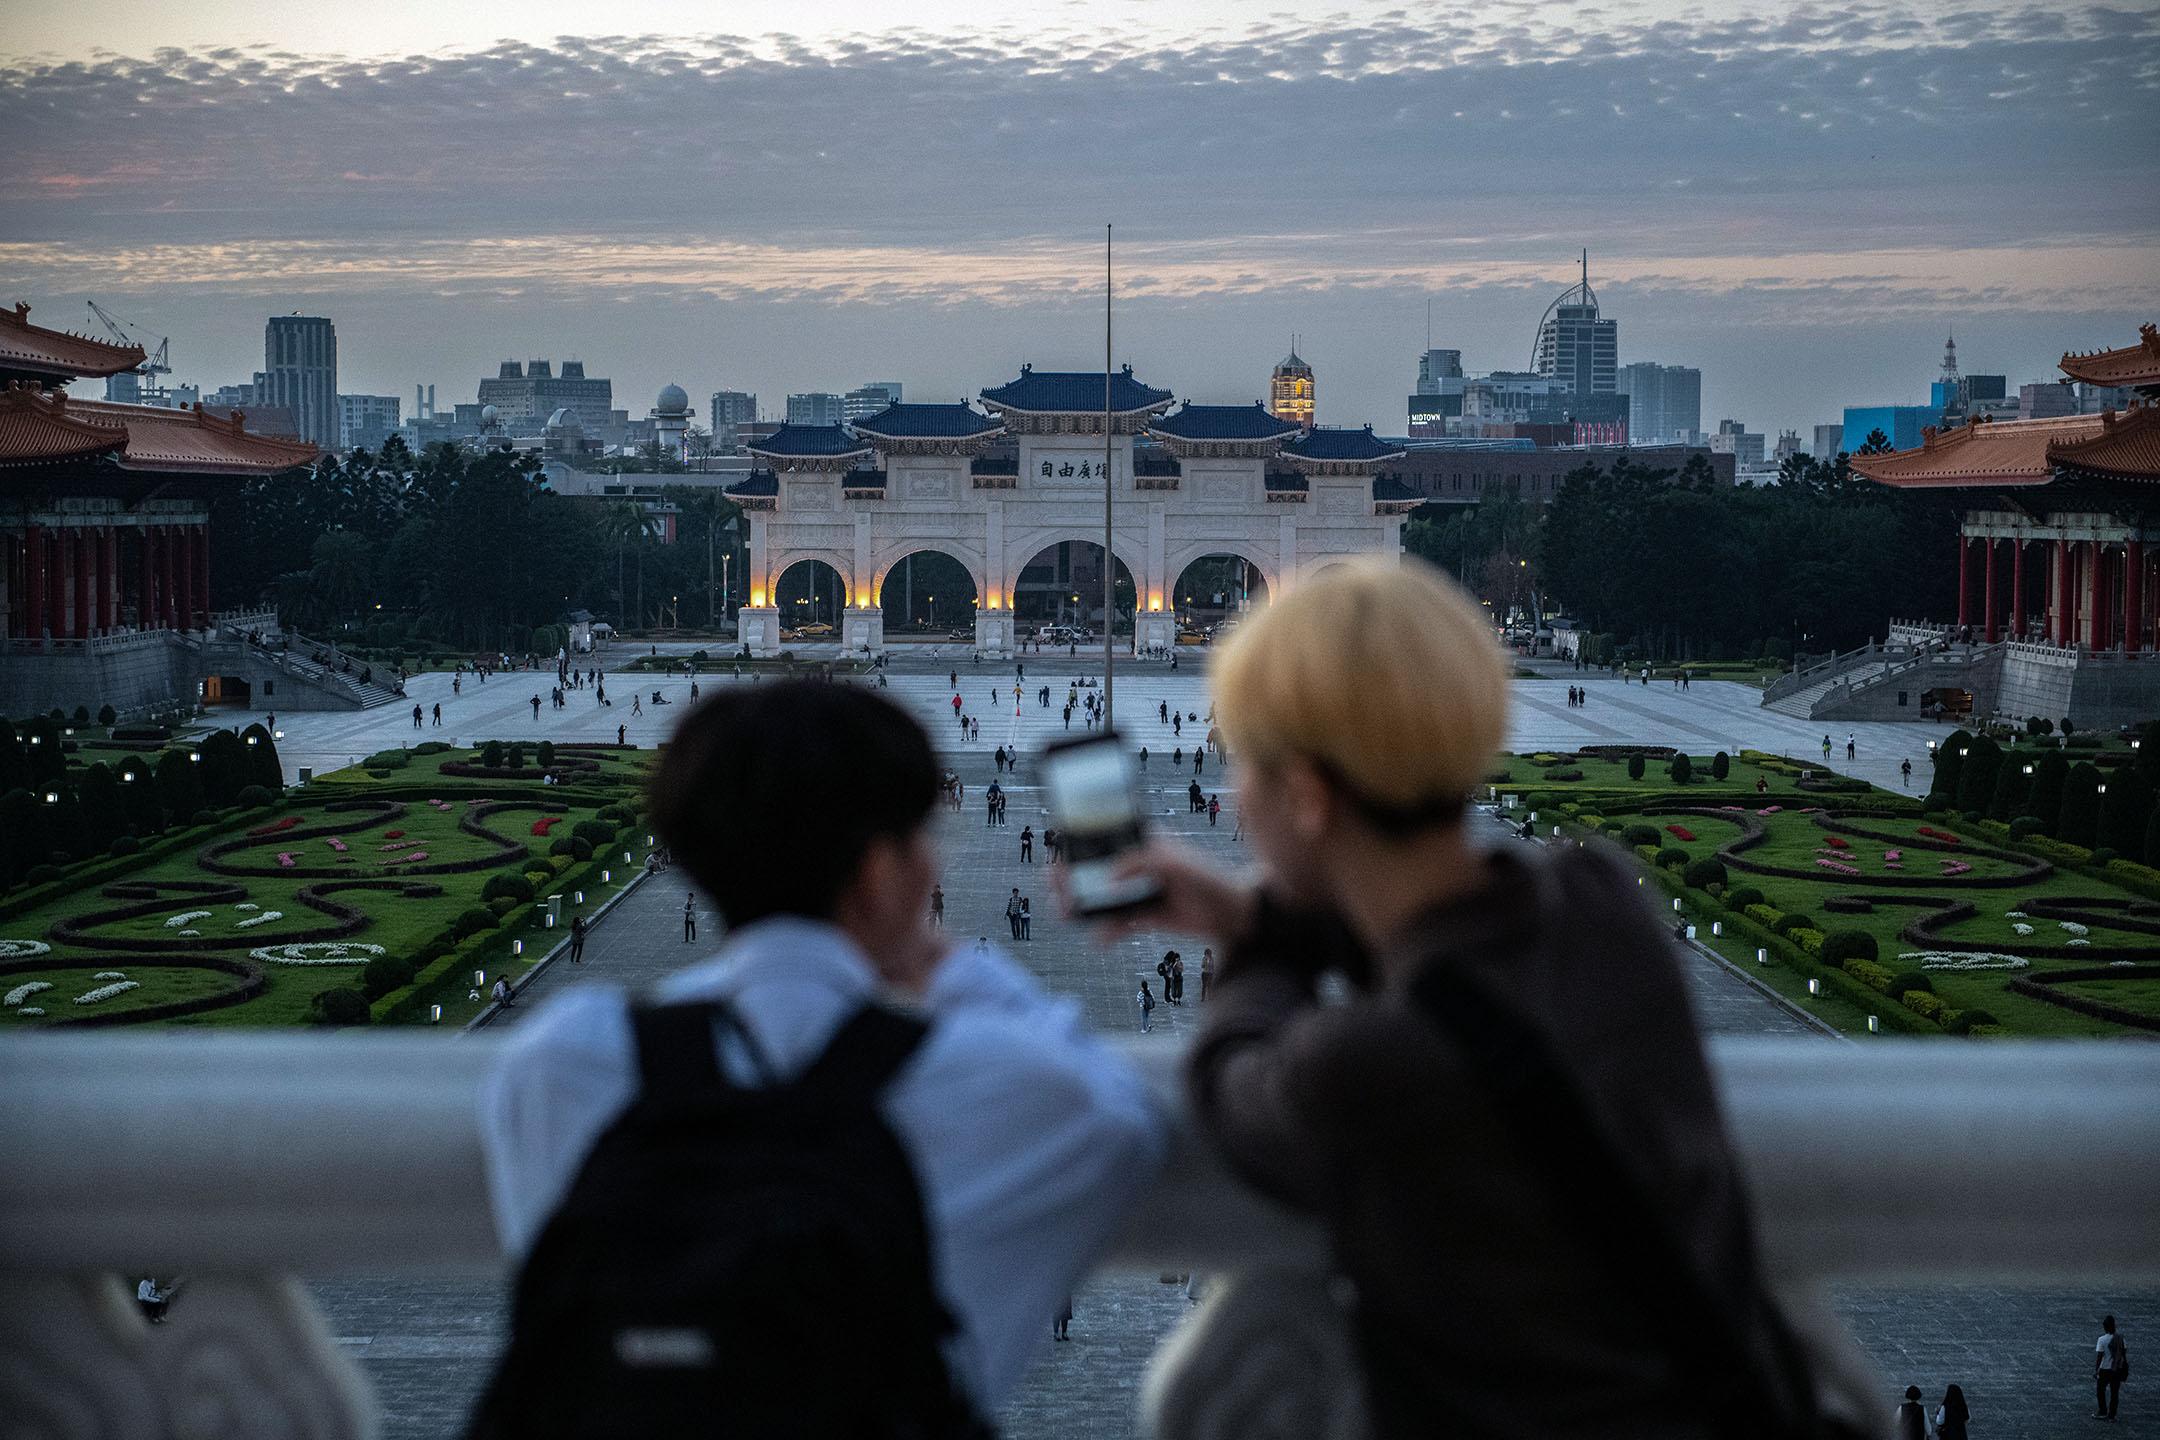 2020年1月7日台北,市民在中正紀念堂看電話。 攝:Carl Court/Getty Images